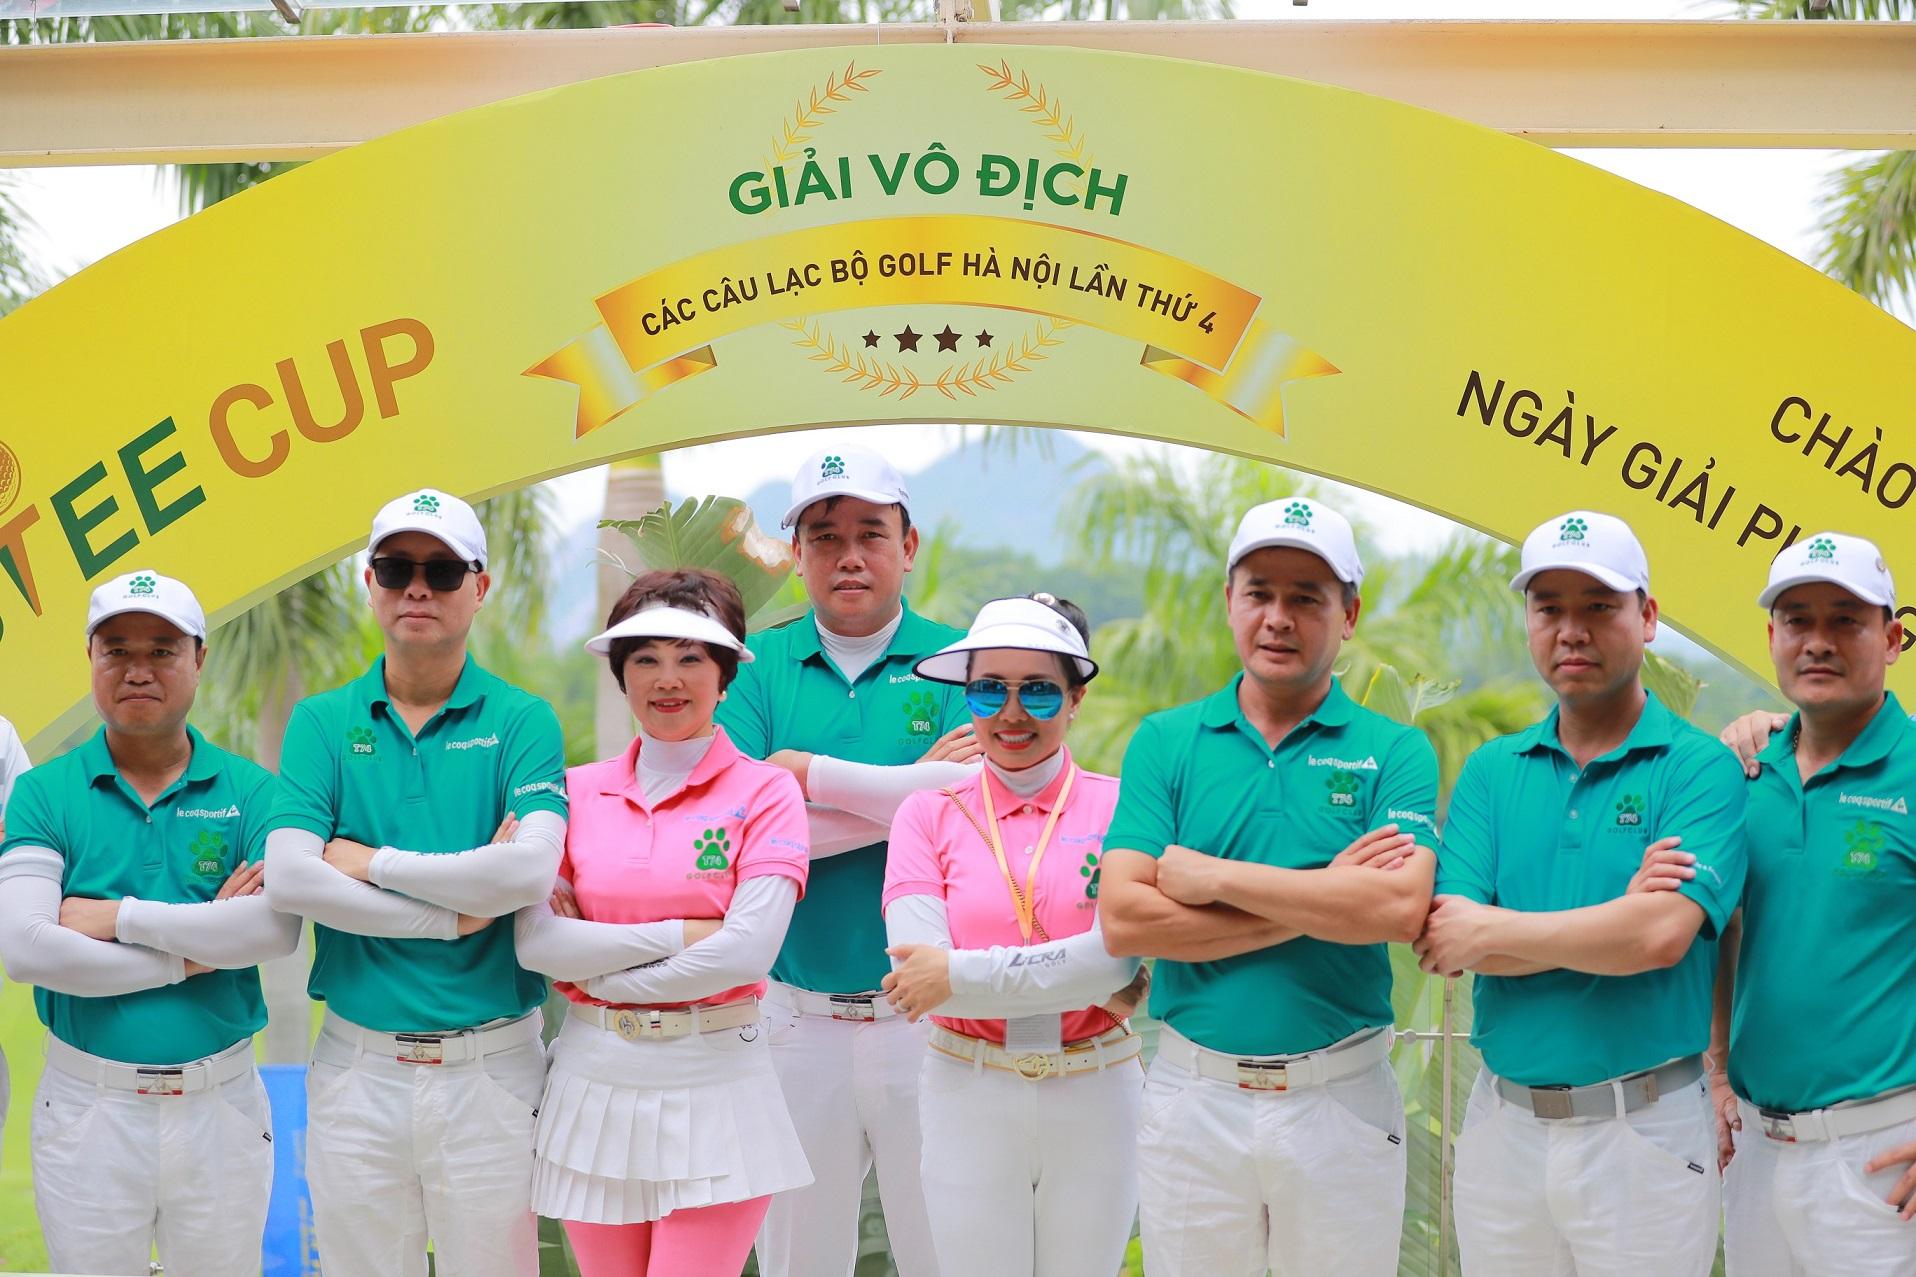 Giải vô địch các CLB Golf Hà Nội lần 4 Fastee Cup